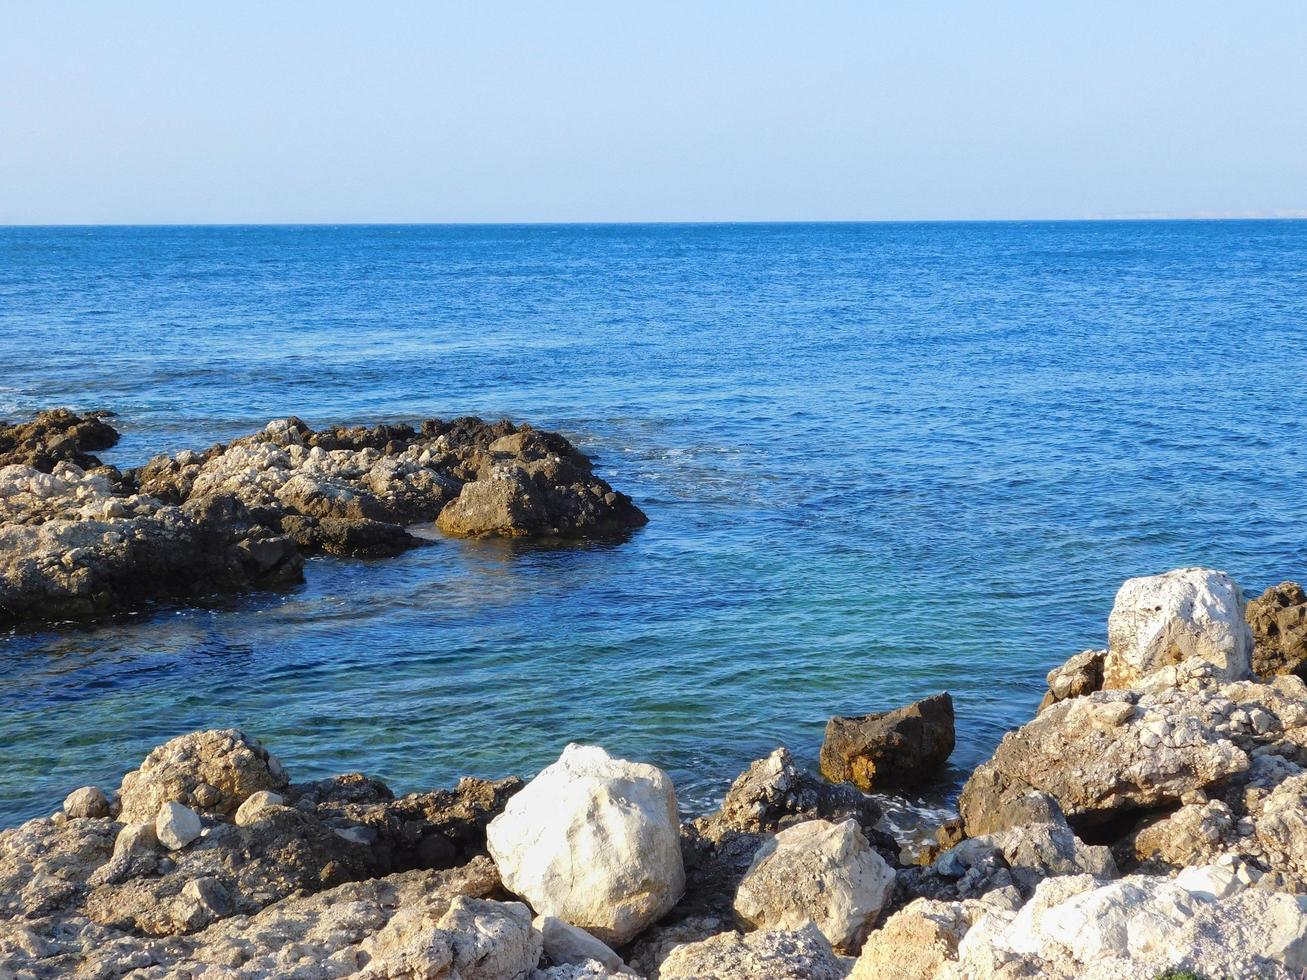 vista dell'acqua blu dell'oceano foto